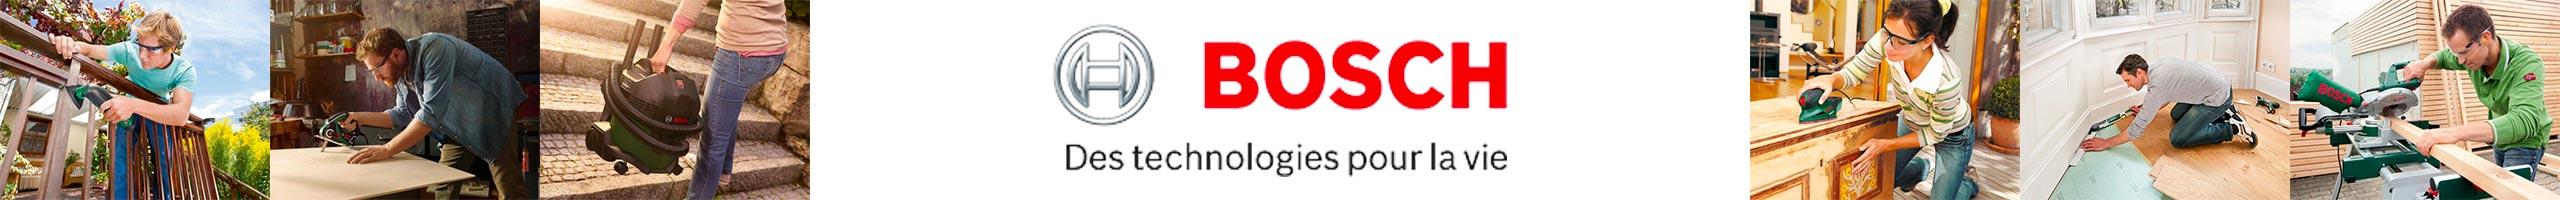 Test et avis outil Bosch pas cher